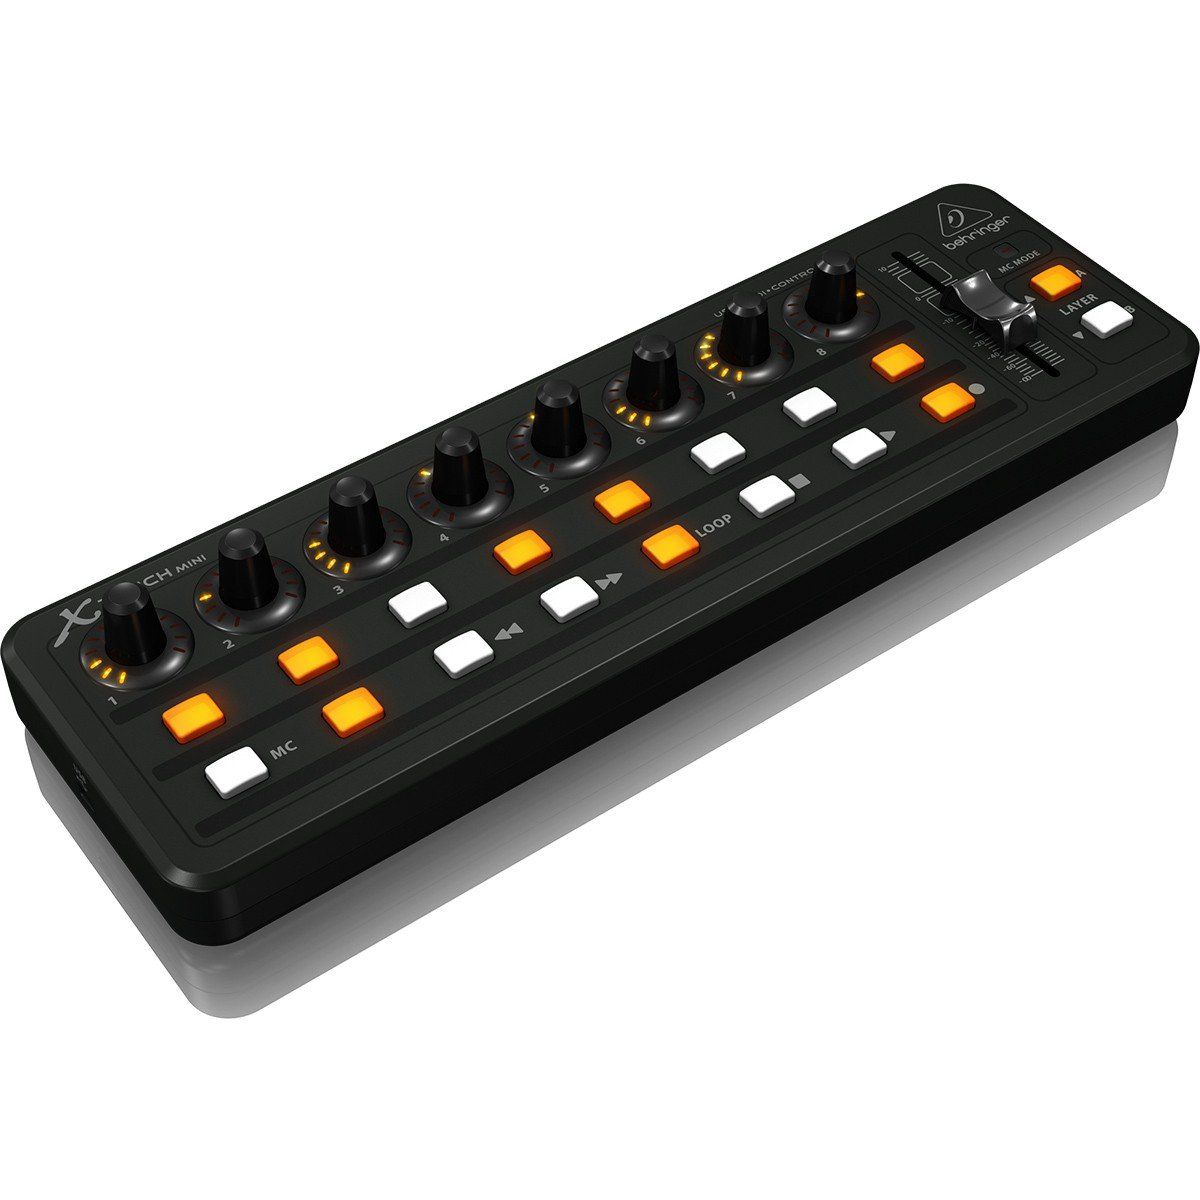 Behringer X-Touch Mini Controladora Dj 8-Knobs Produção Musical Portátil